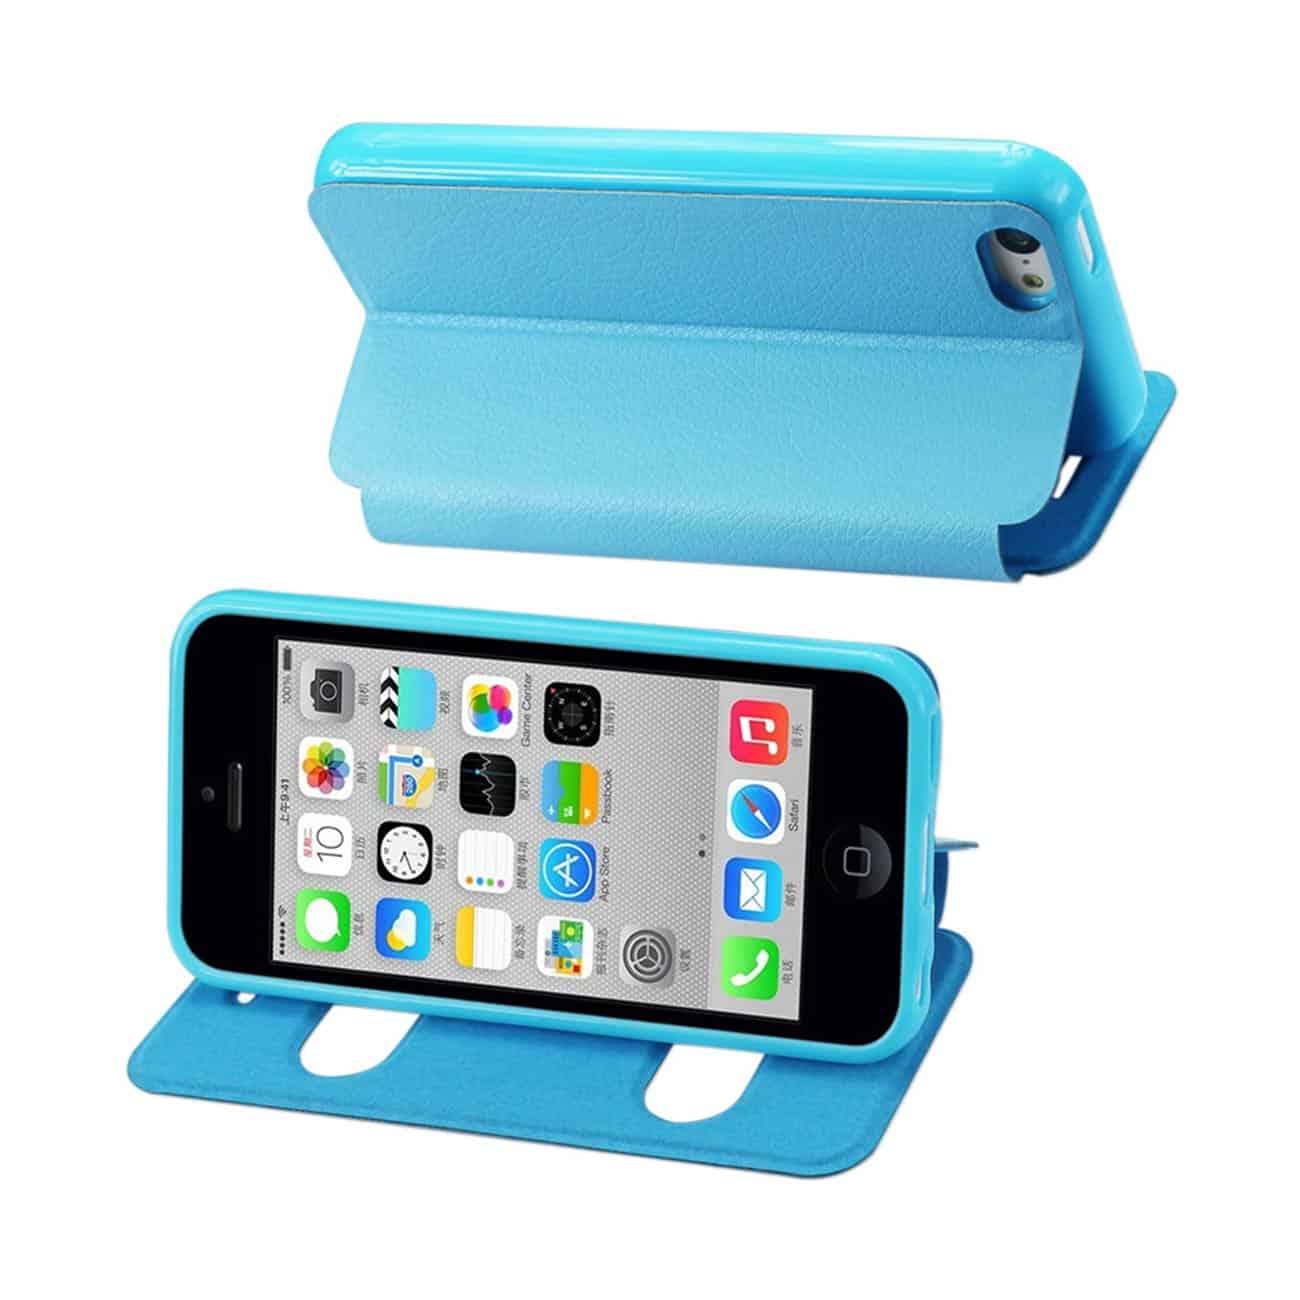 IPHONE 5C WINDOW FLIP FOLIO CASE IN BLUE